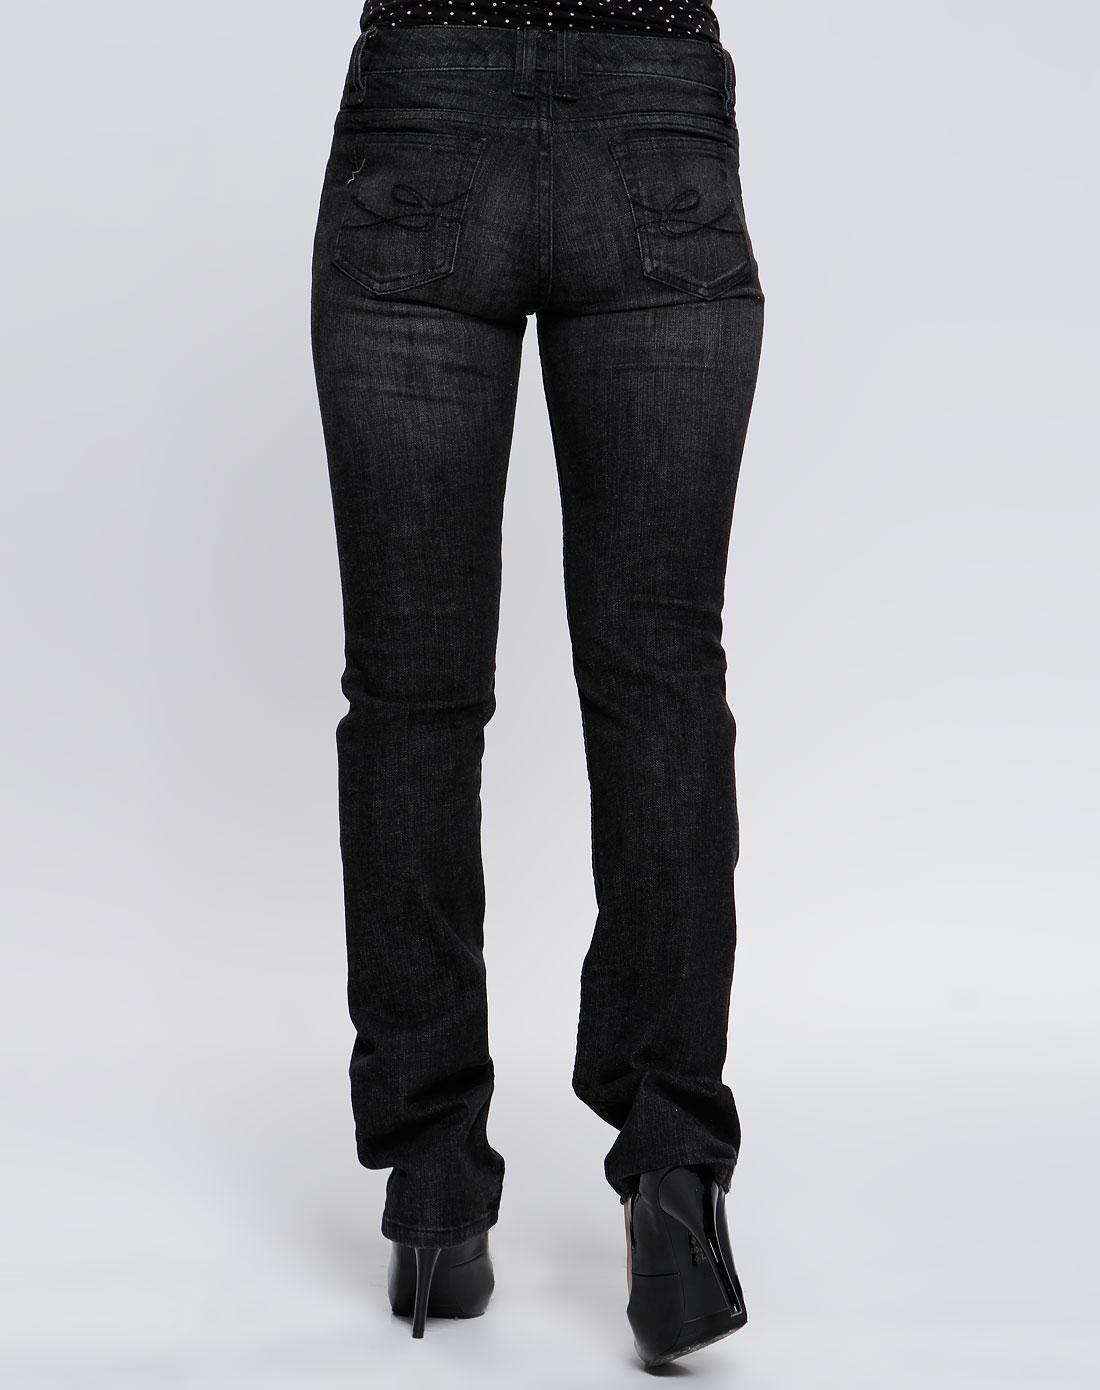 女款黑色时尚牛仔长裤